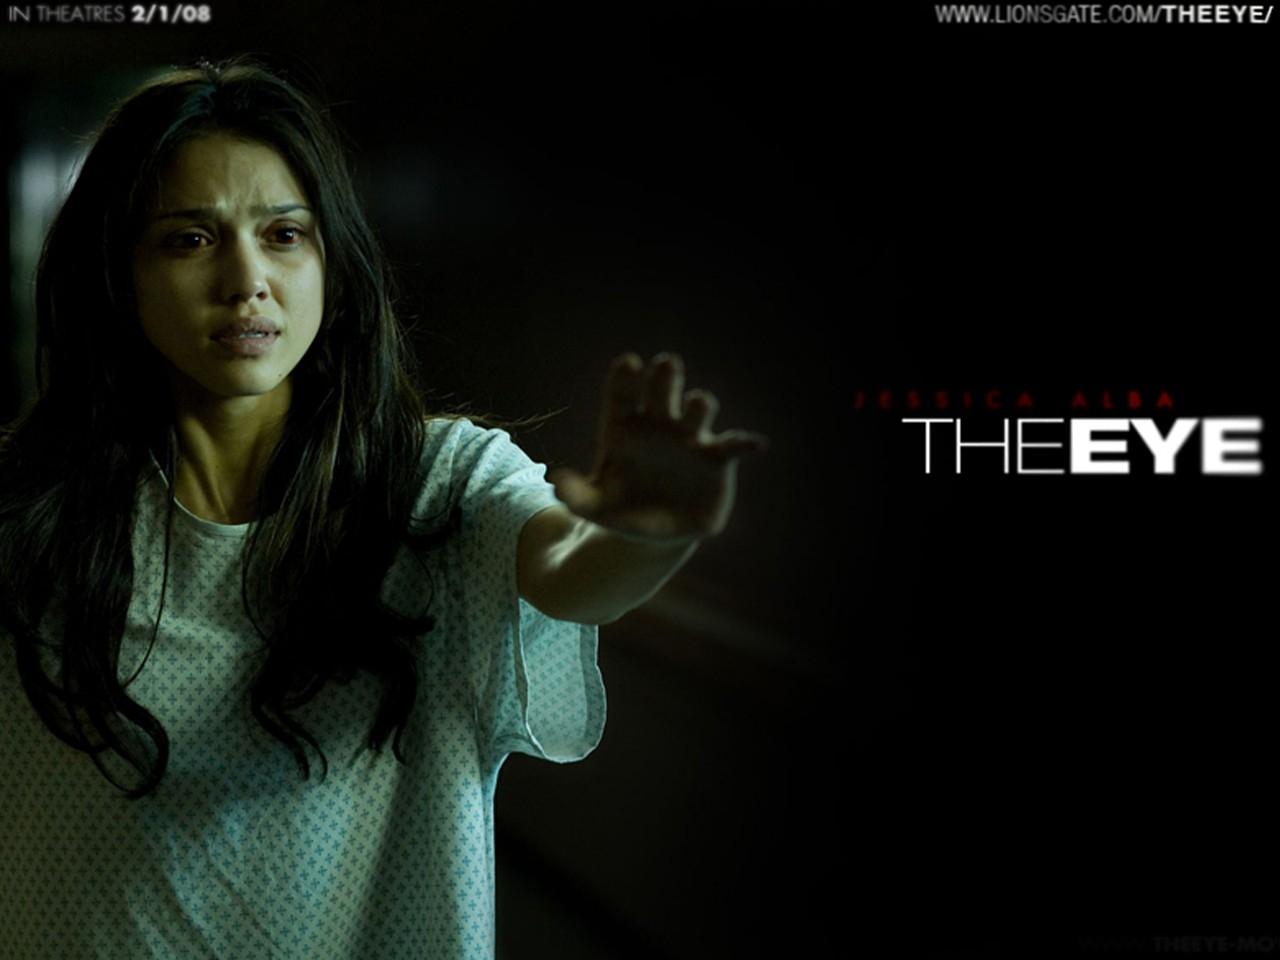 Wallpaper del film The Eye con la Alba